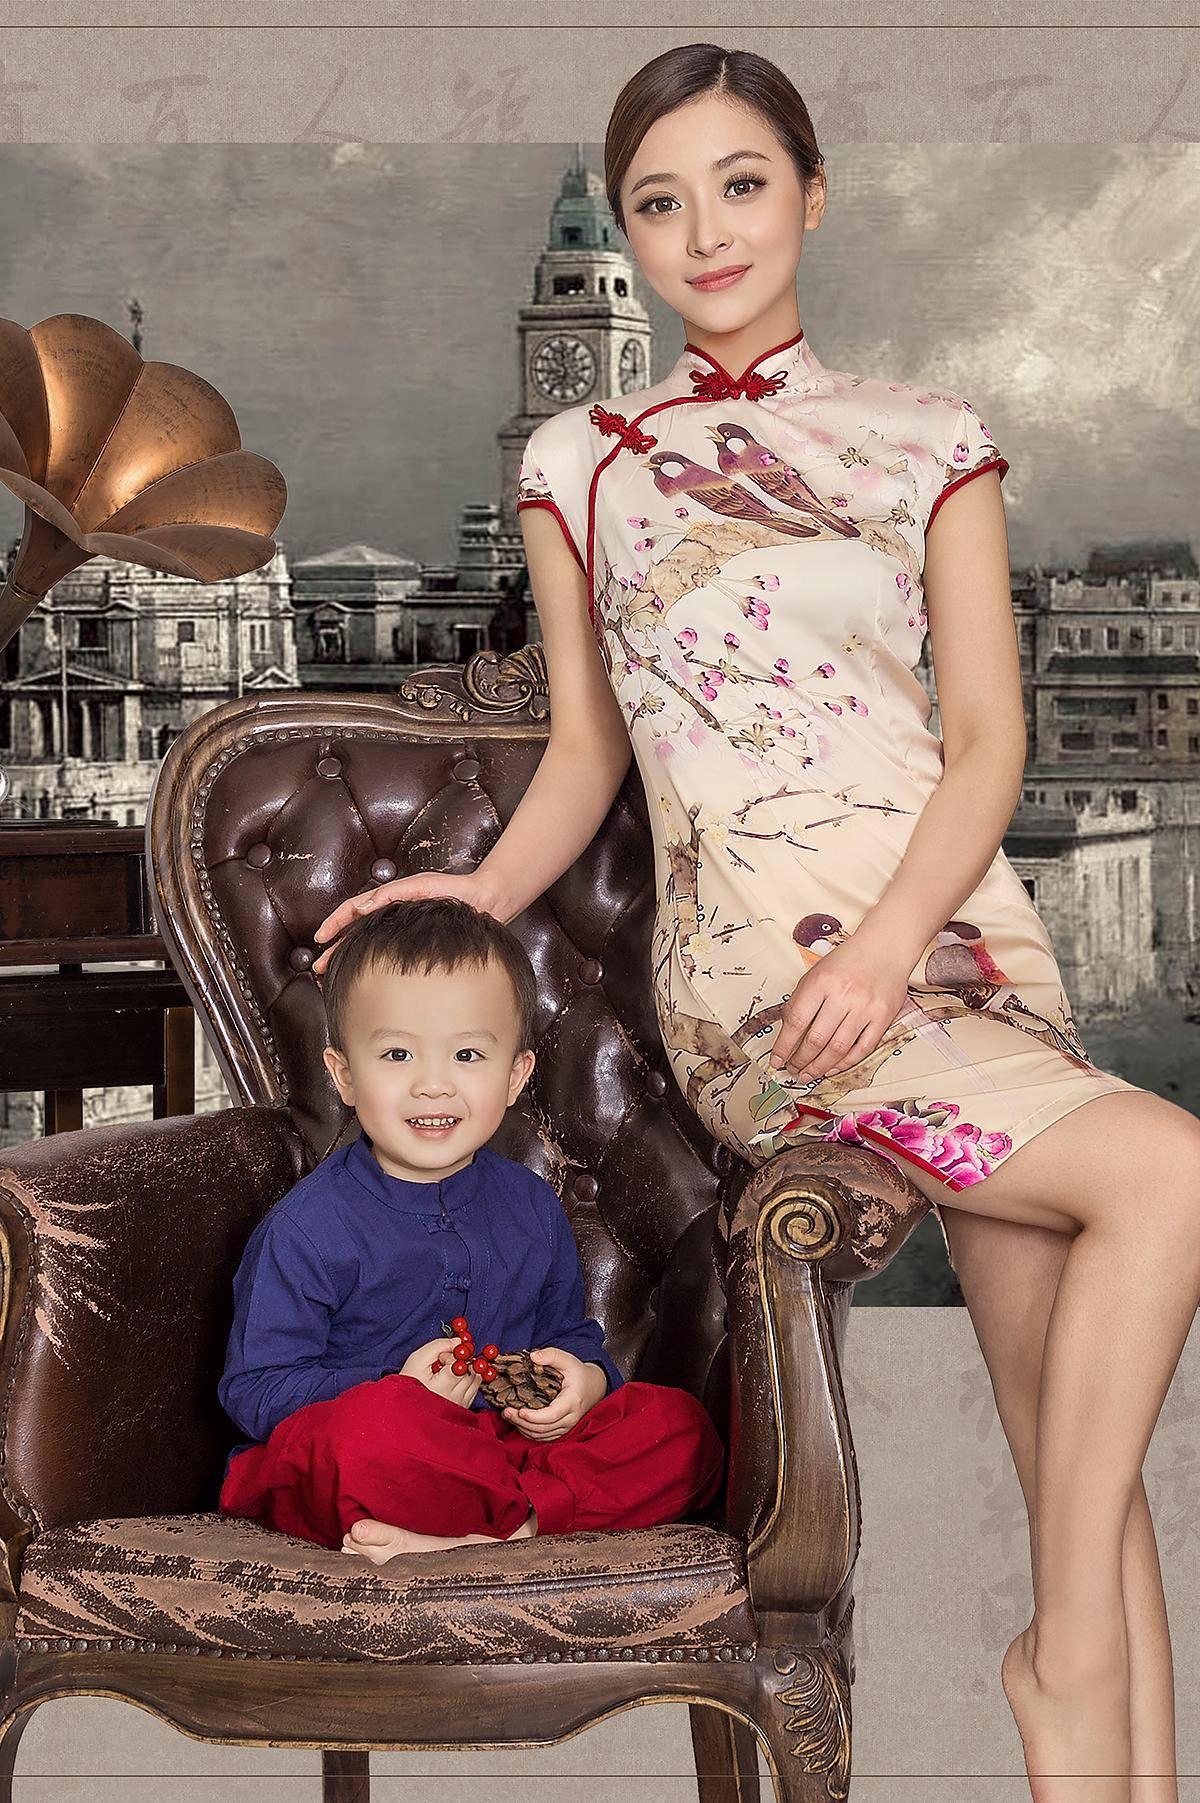 中国风 工笔画 儿童 孕妇 人像摄影相册素材